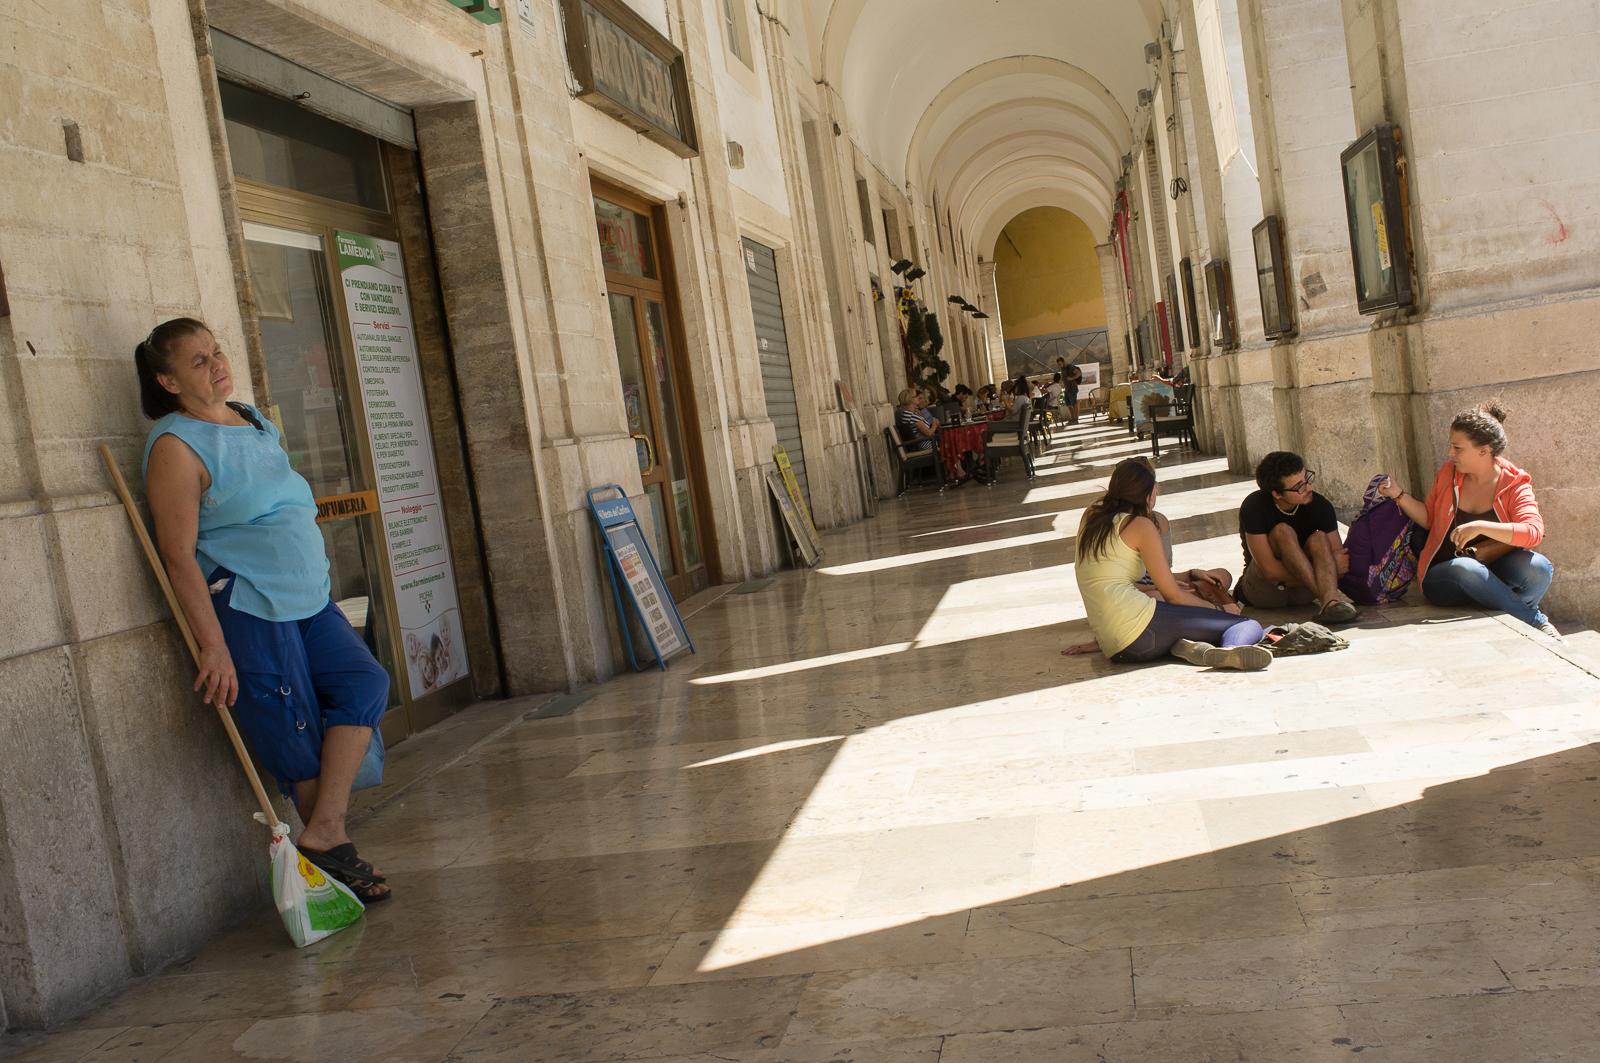 Under the porticos at Piazza della Repubblica